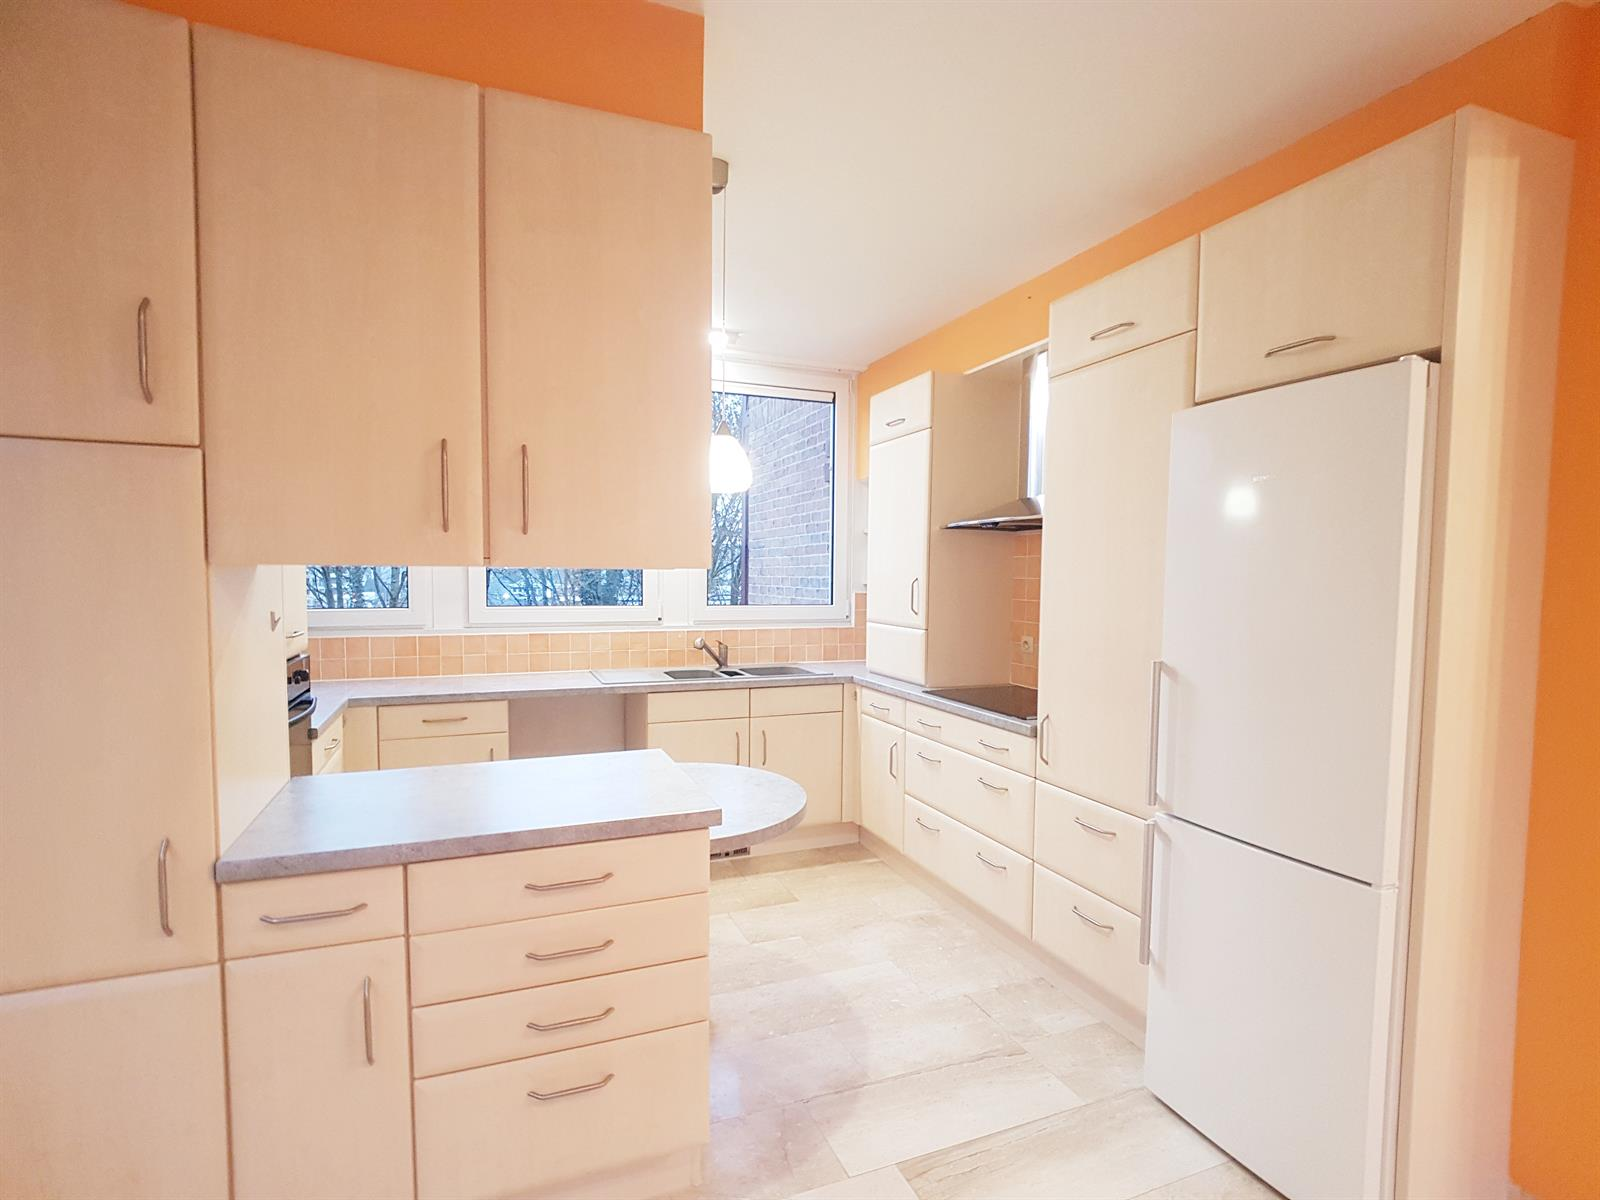 Appartement - Ottignies-Louvain-la-Neuve - #4254648-3